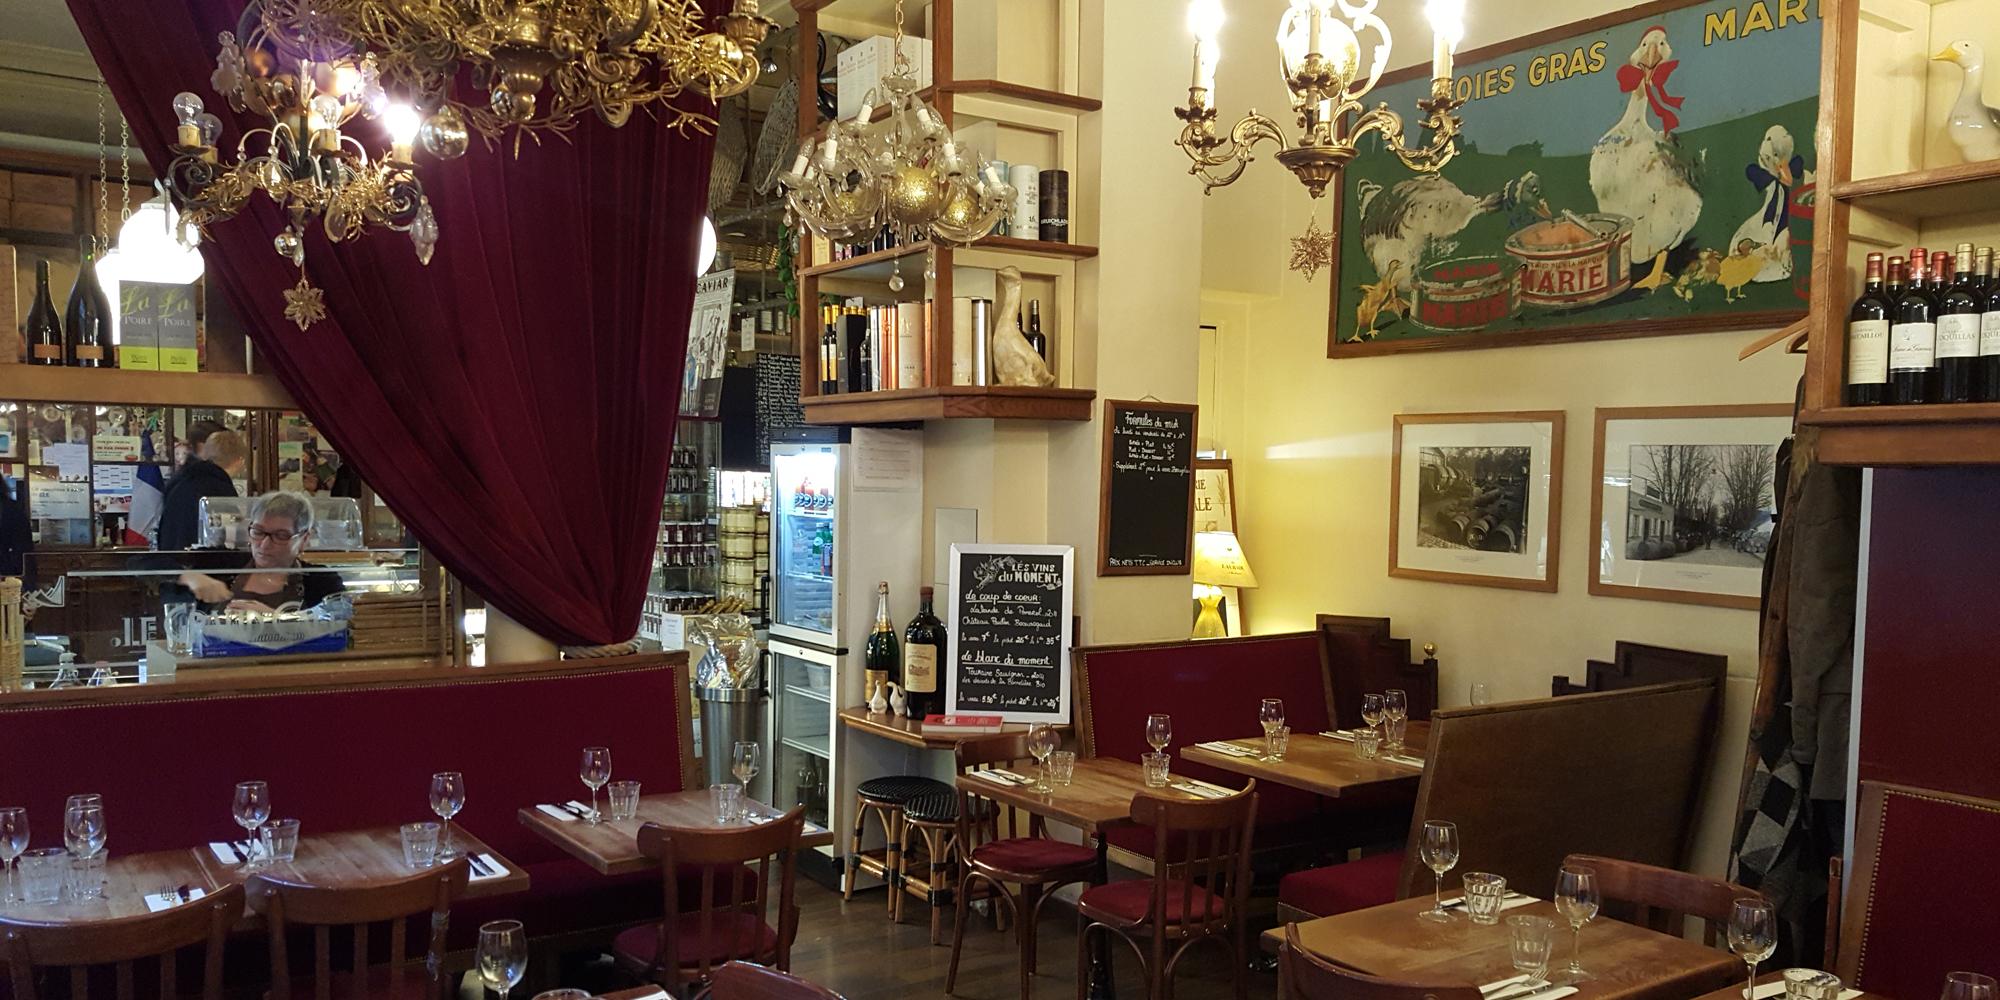 Brunch le comptoir de la gastronomie 75001 paris oubruncher - Comptoir de l homme paris ...